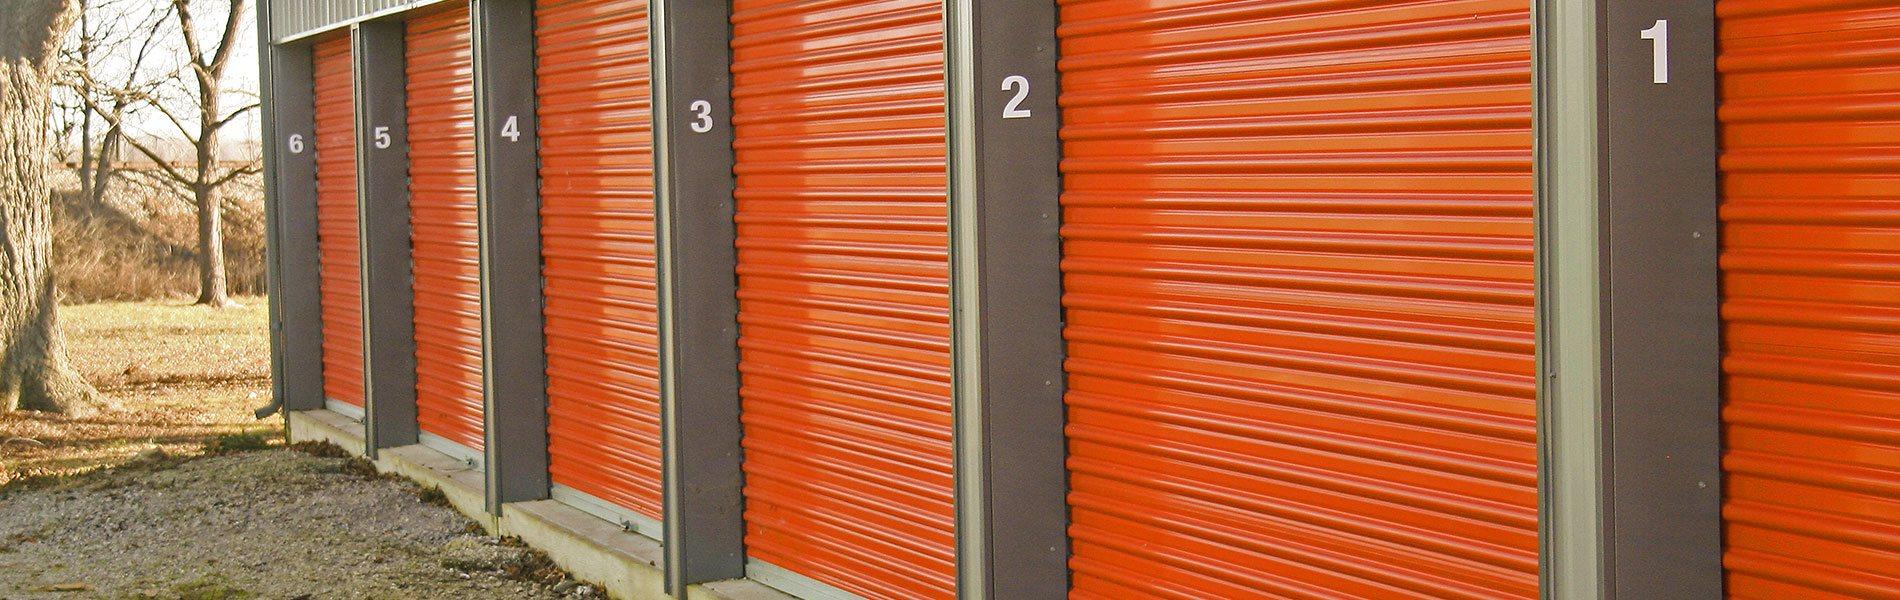 Galaxy Garage Door Service Highest Rated Garage Door Company